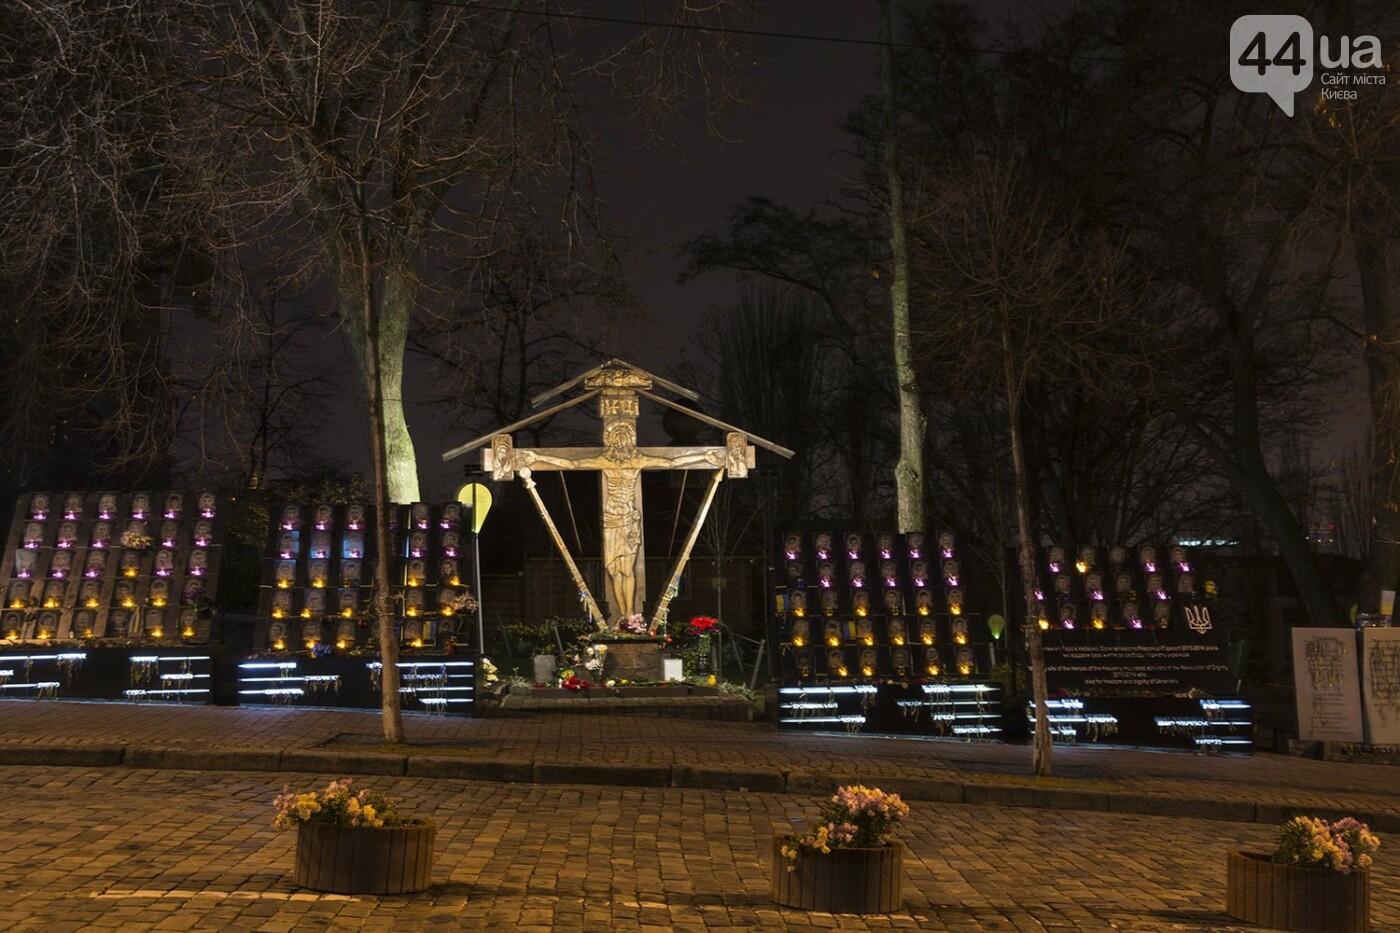 Годовщина Евромайдана: в Киеве зажгли Лучи достоинства, фото-21